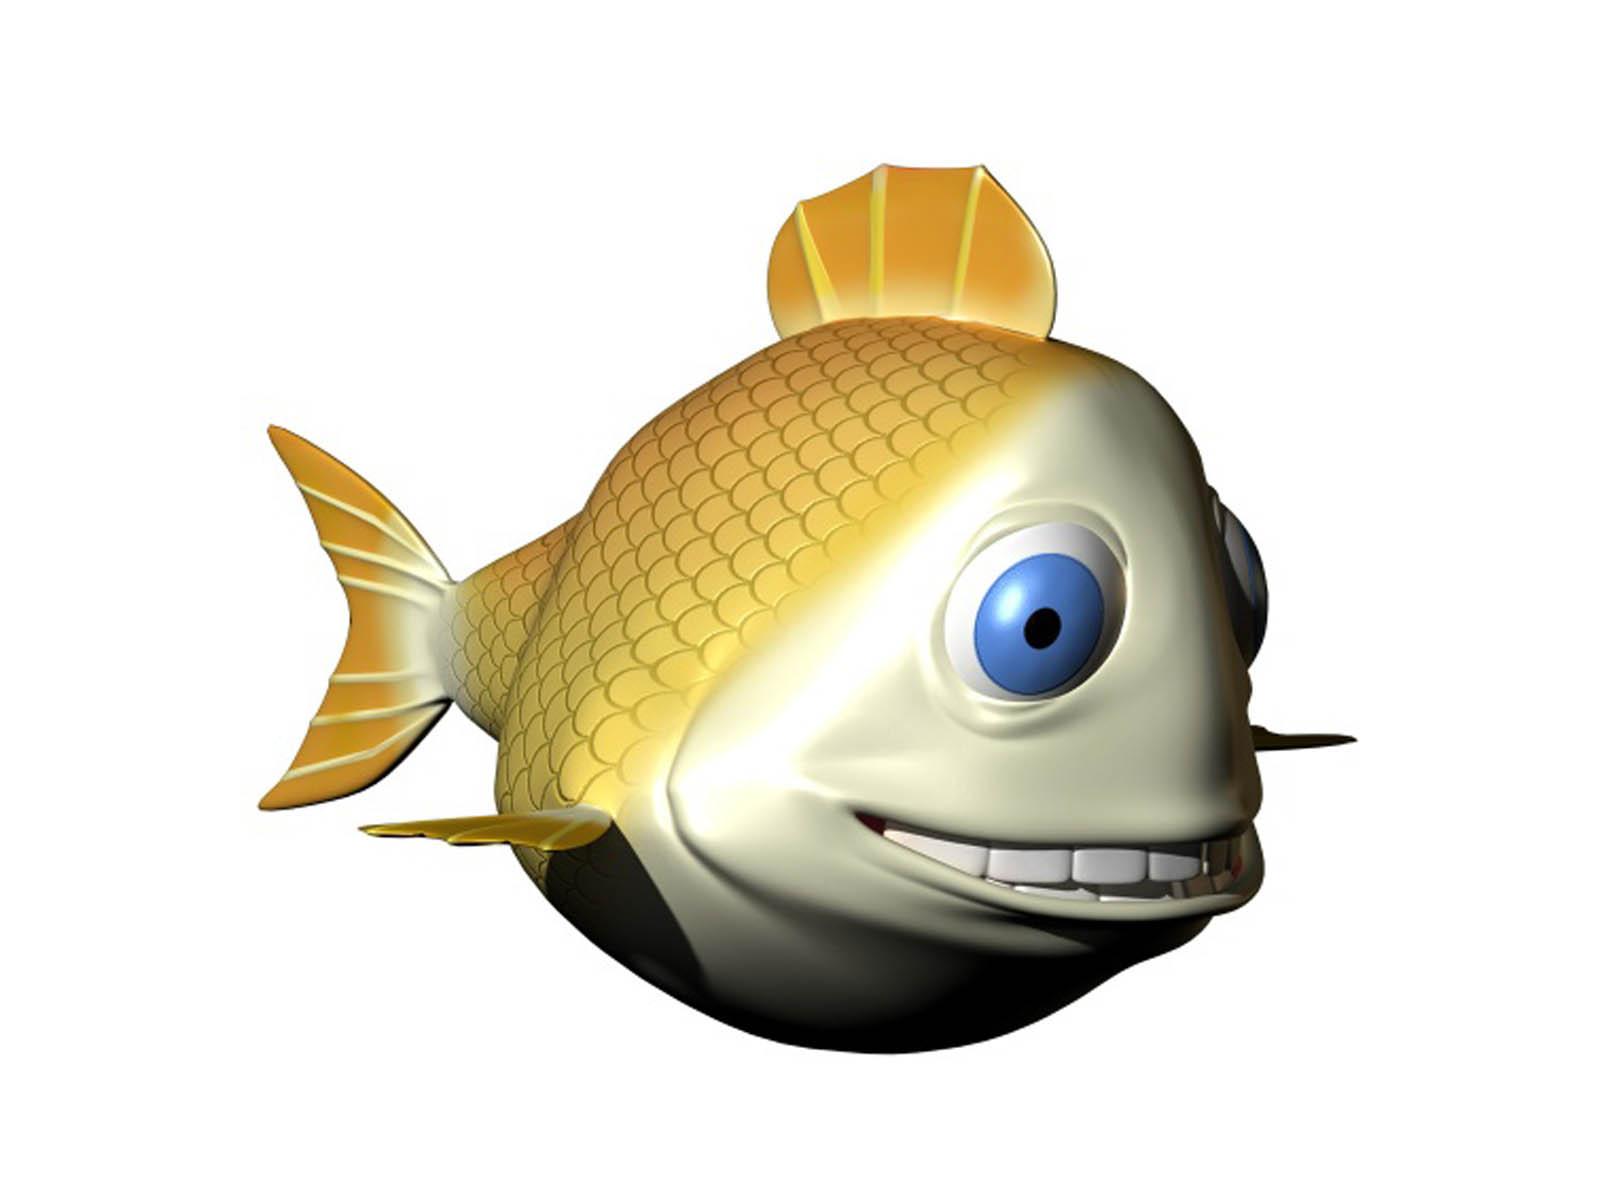 3D Fish Desktop Wallpaper Hd